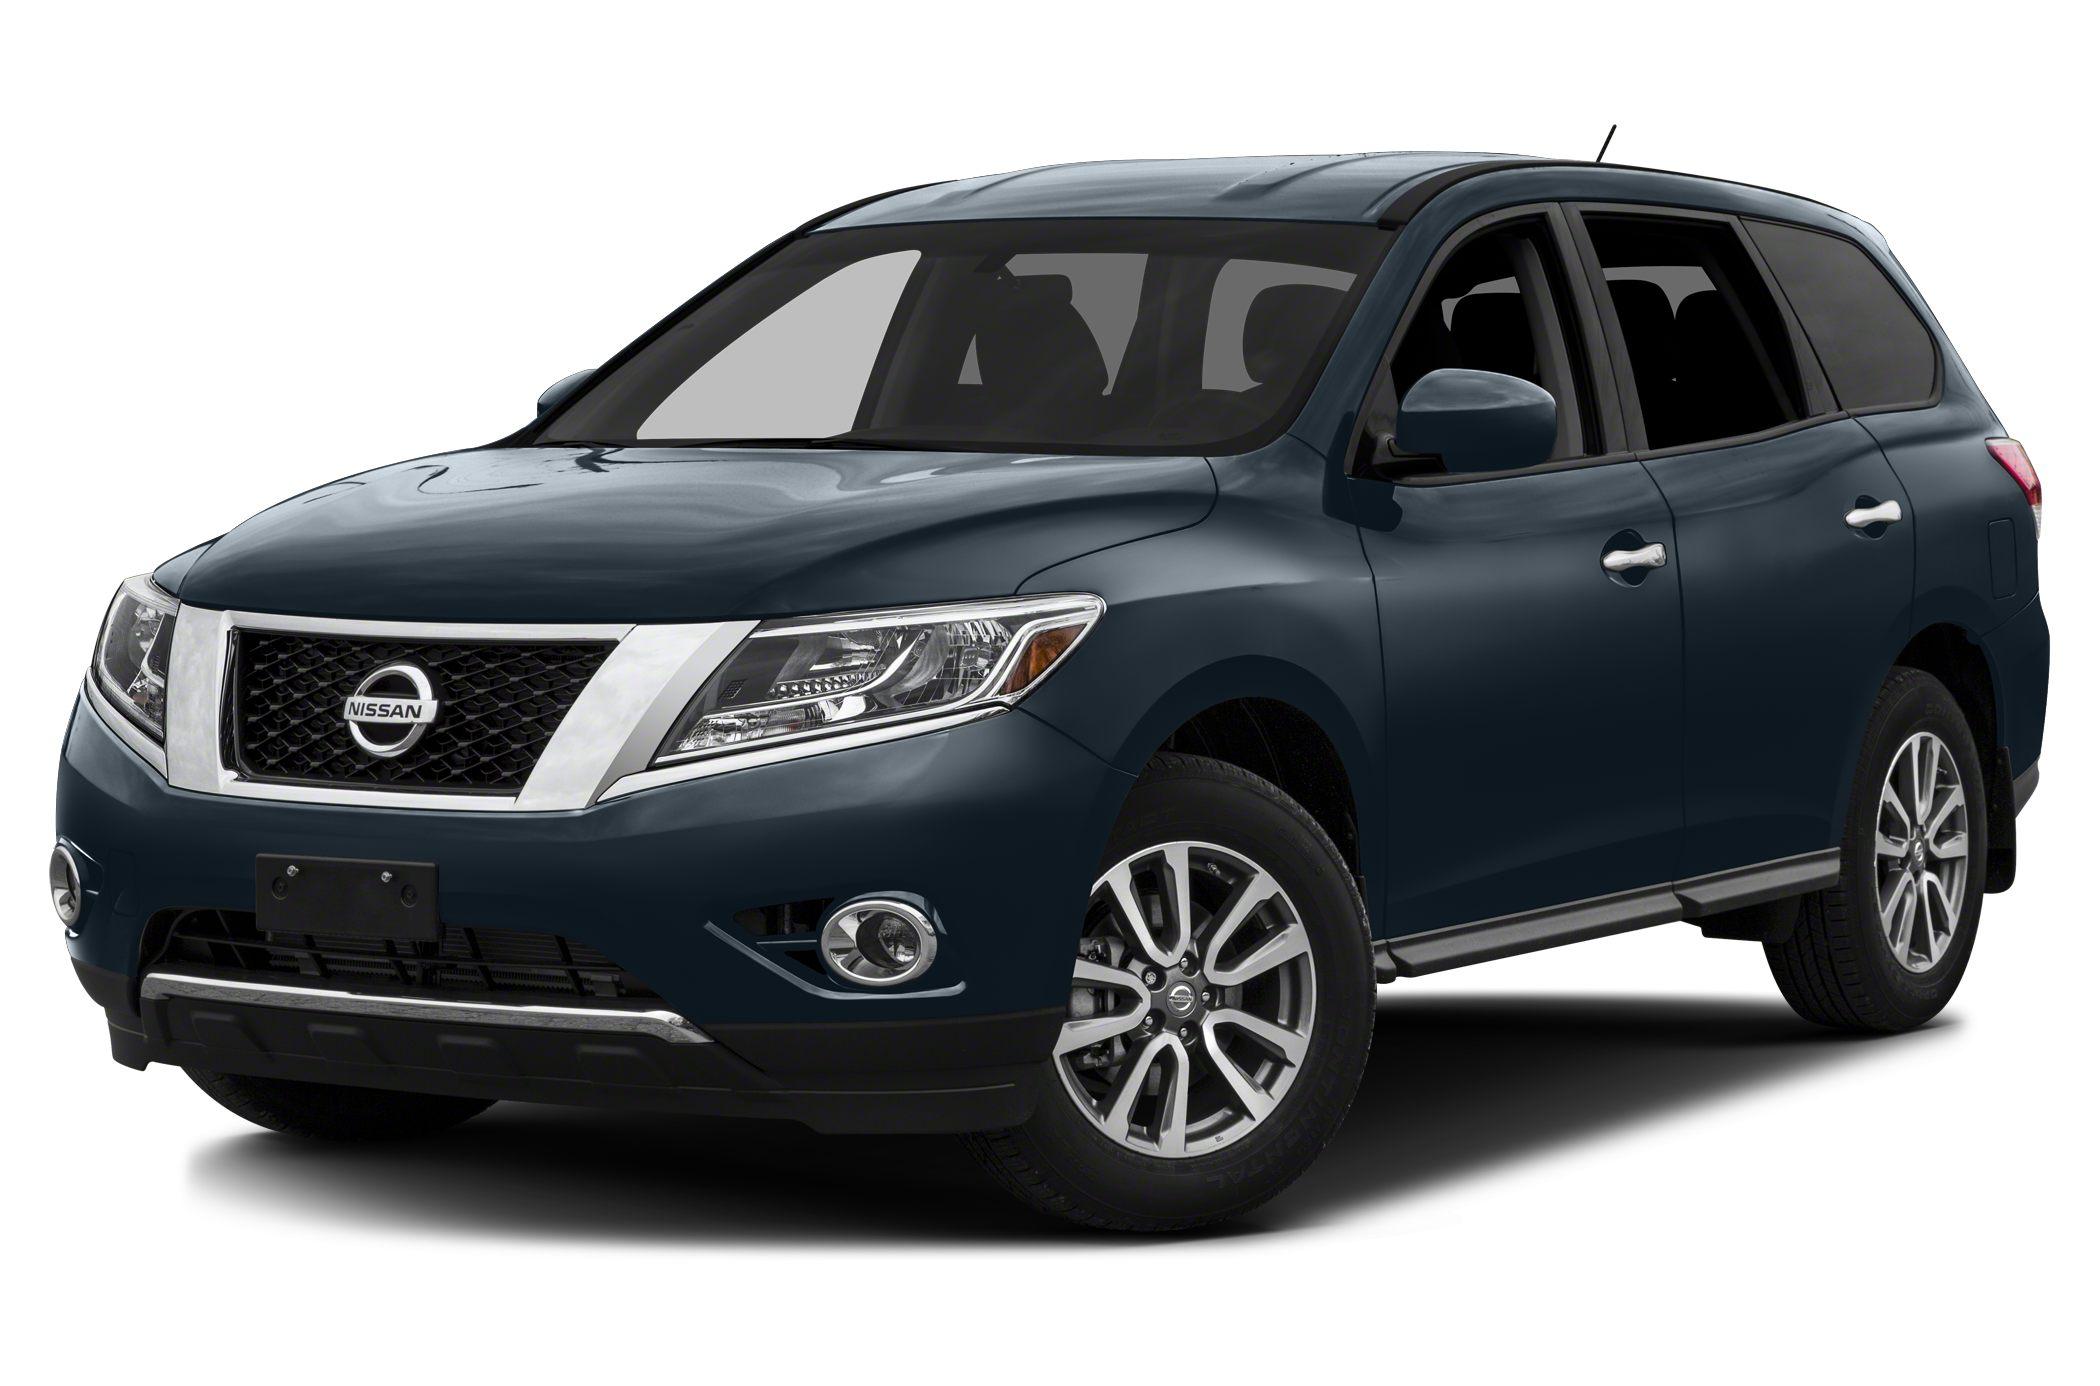 2016 Nissan Pathfinder Recalls